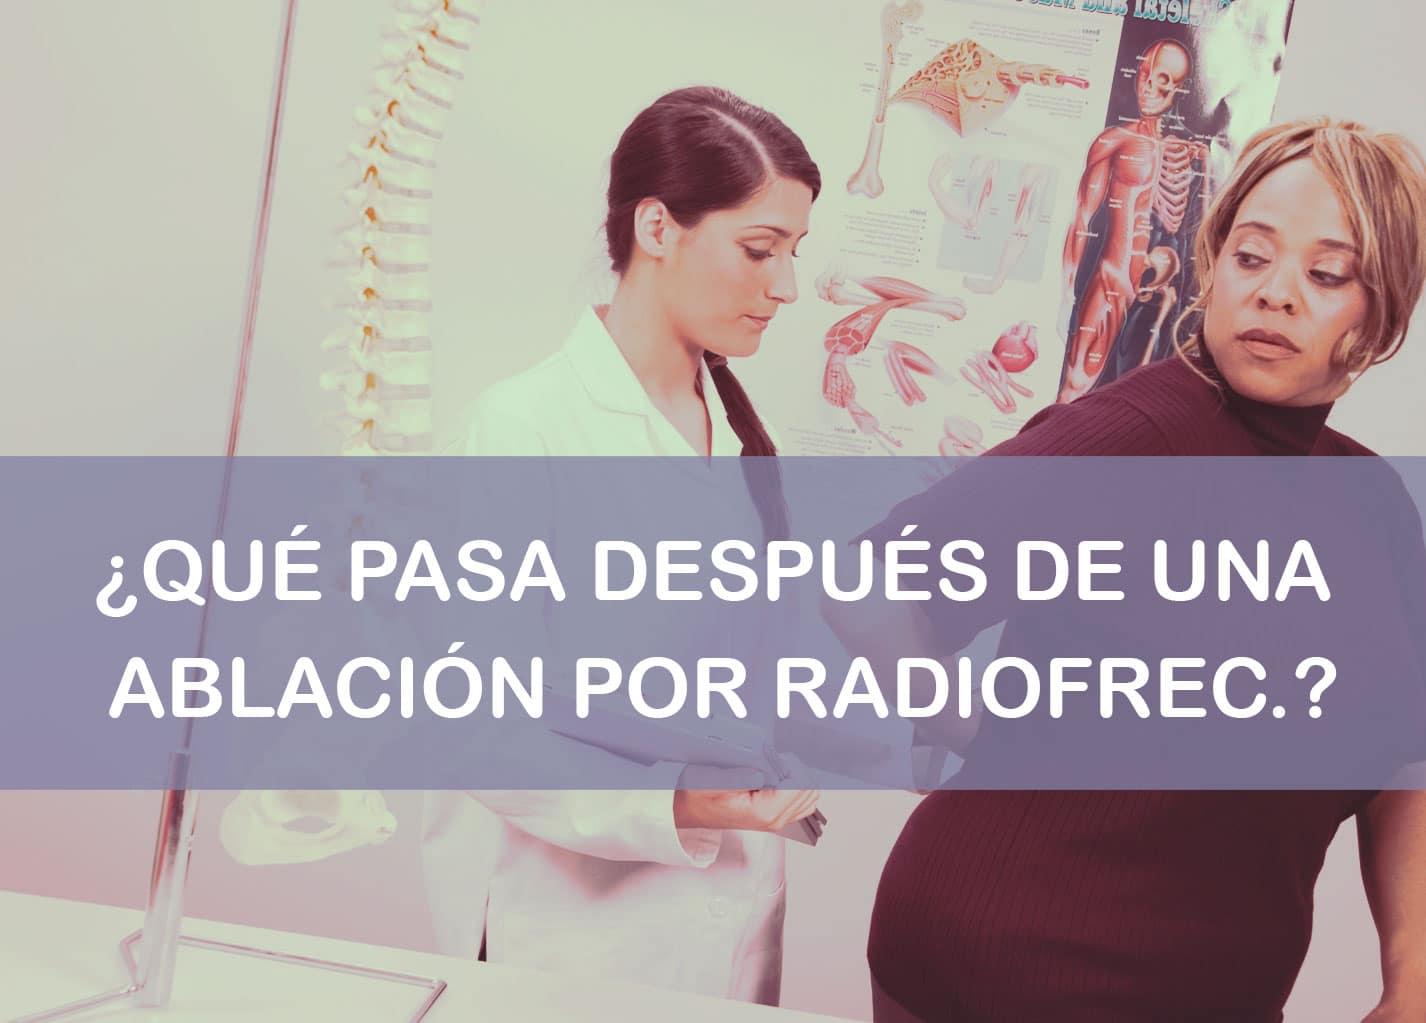 Qué pasa después de una ablación por radiofrecuencia